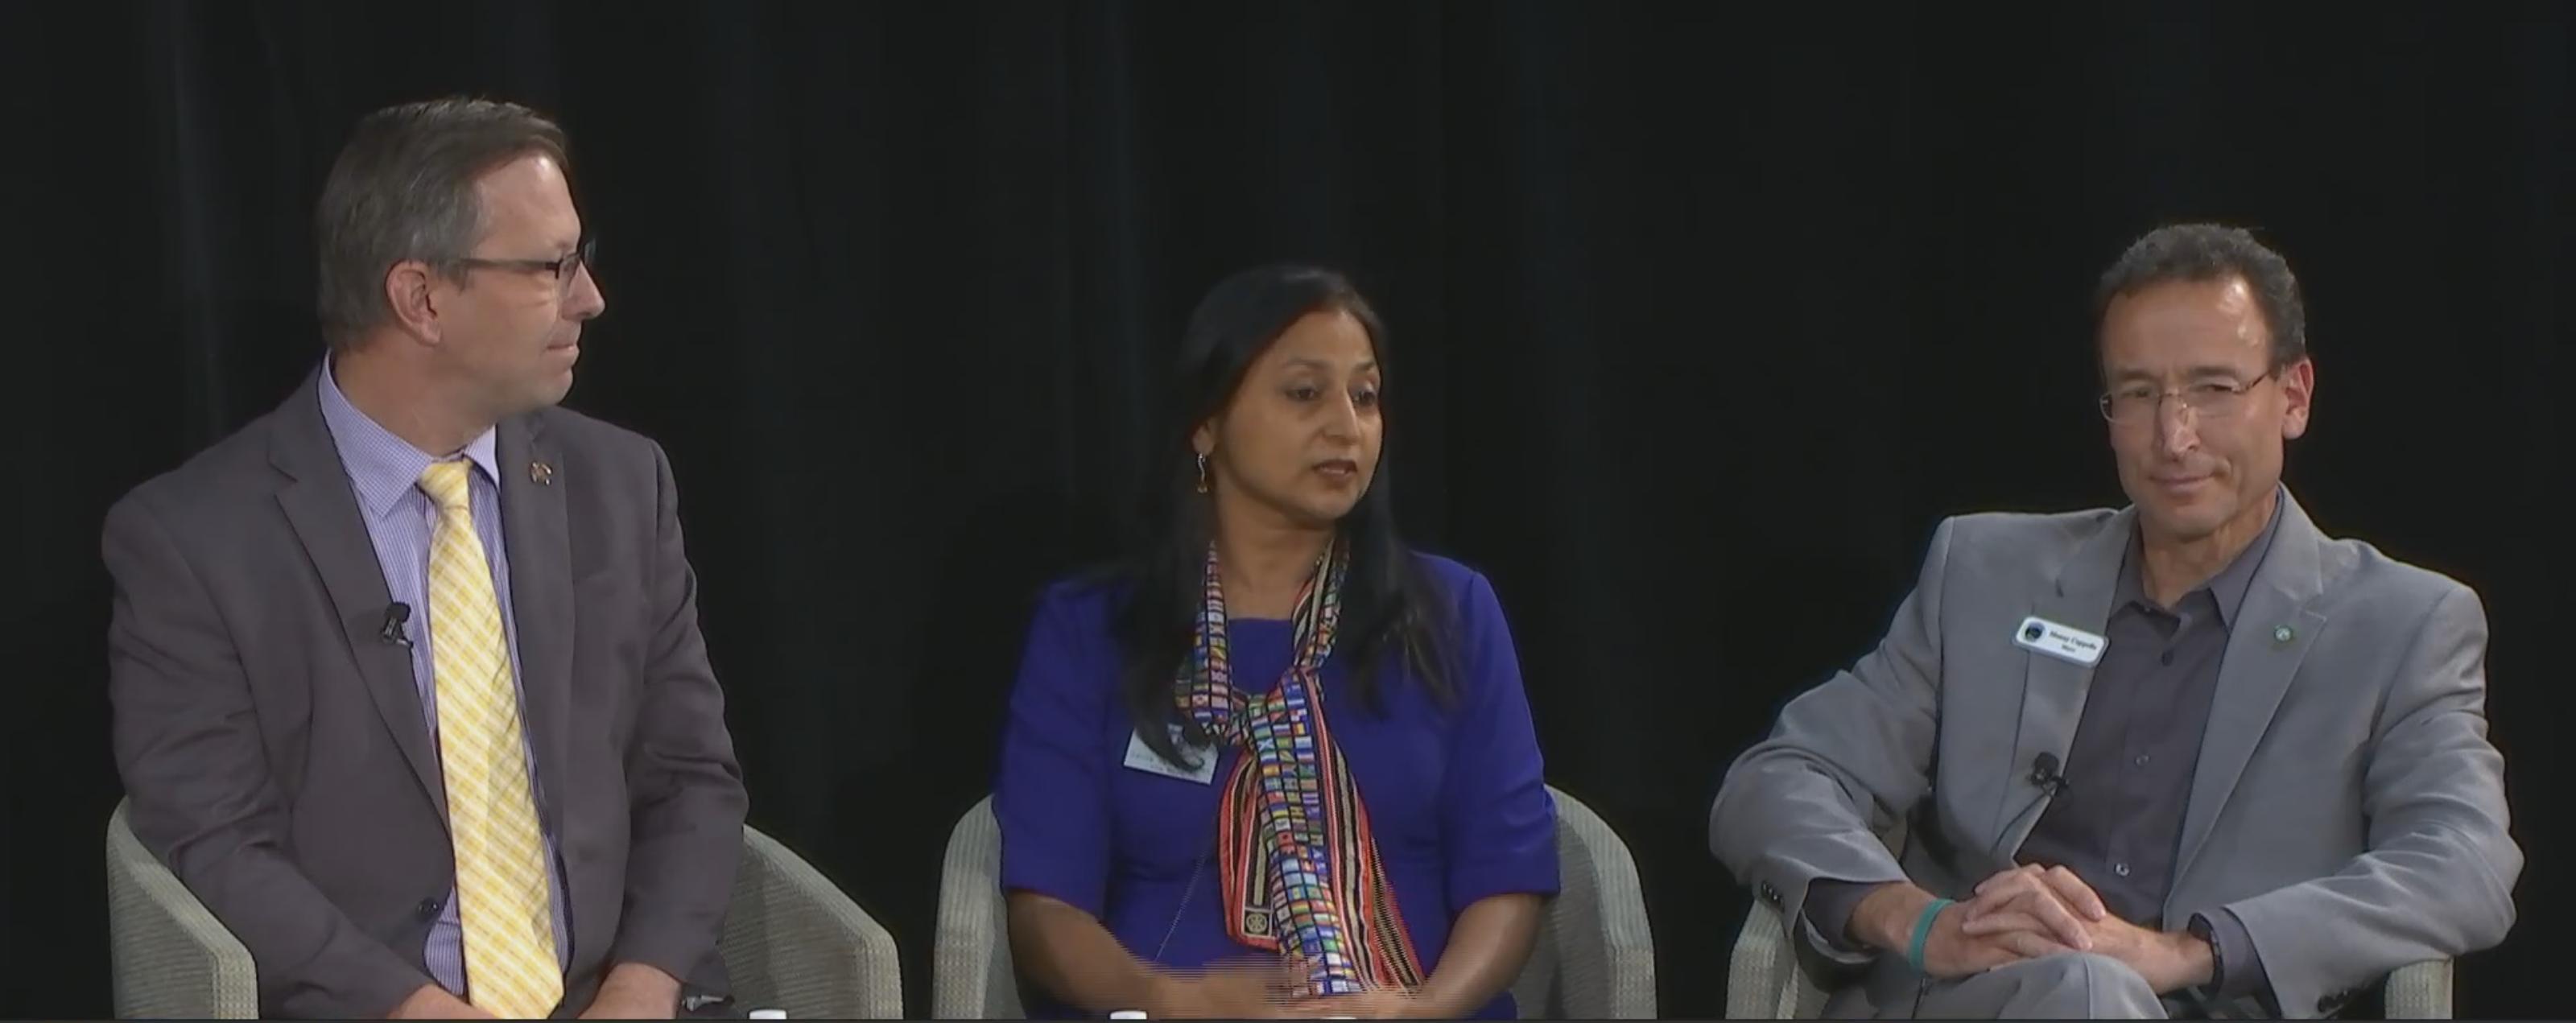 Vice Mayor Savita Vaidyanathan (center) sits next to Campbell Mayor Jason Baker (left) and Saratoga Mayor Manny Capello (right).